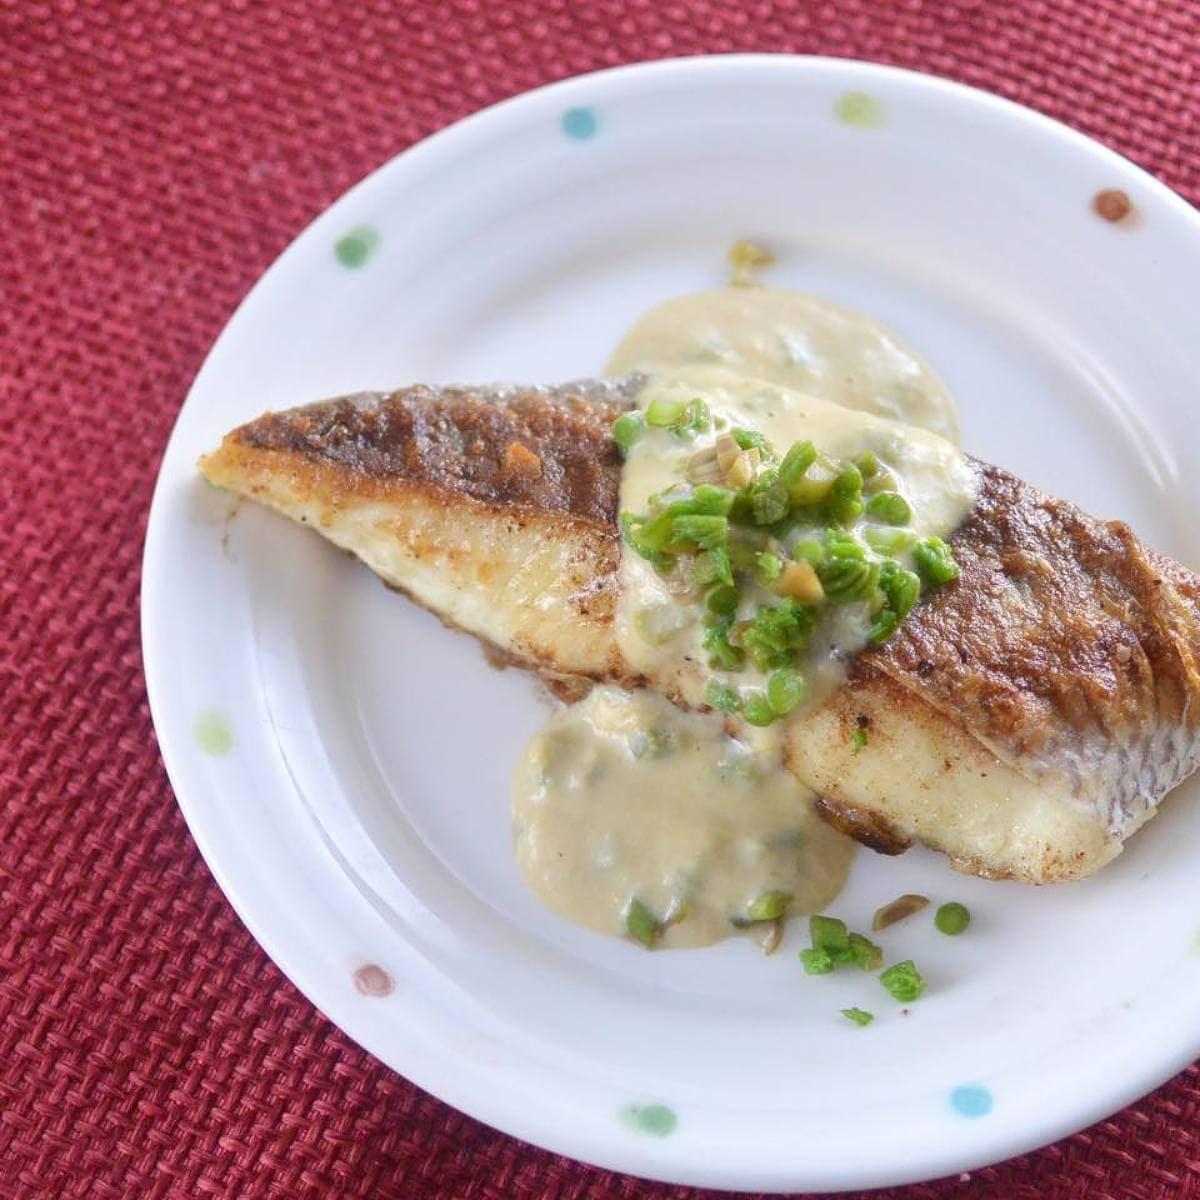 白身魚の幅広アイデアレシピ!ムニエルからフライまでたっぷり33選